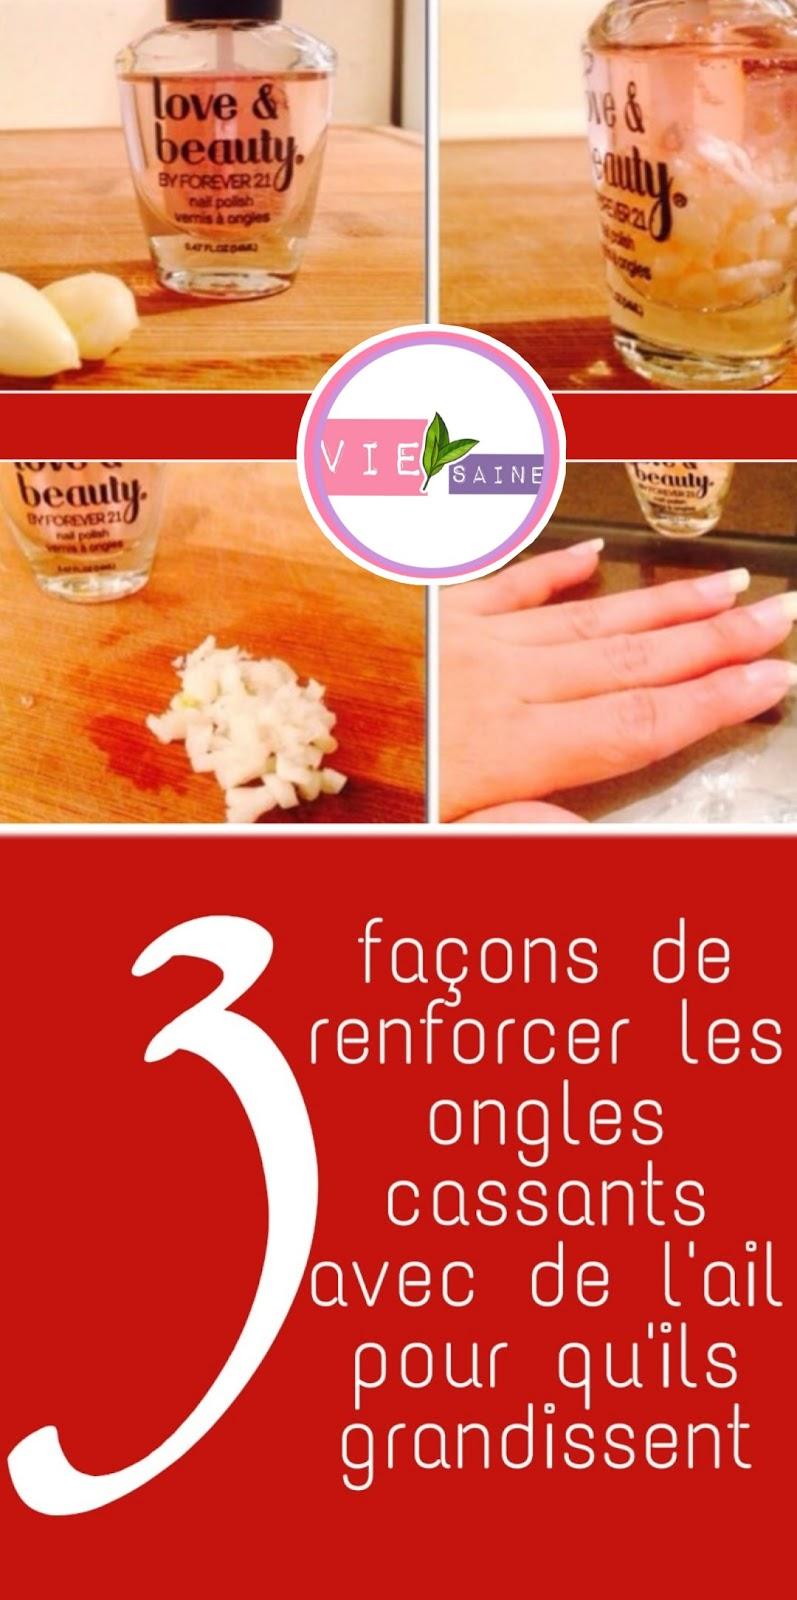 3 façons de renforcer les ongles cassants avec de l'ail pour qu'ils grandissent